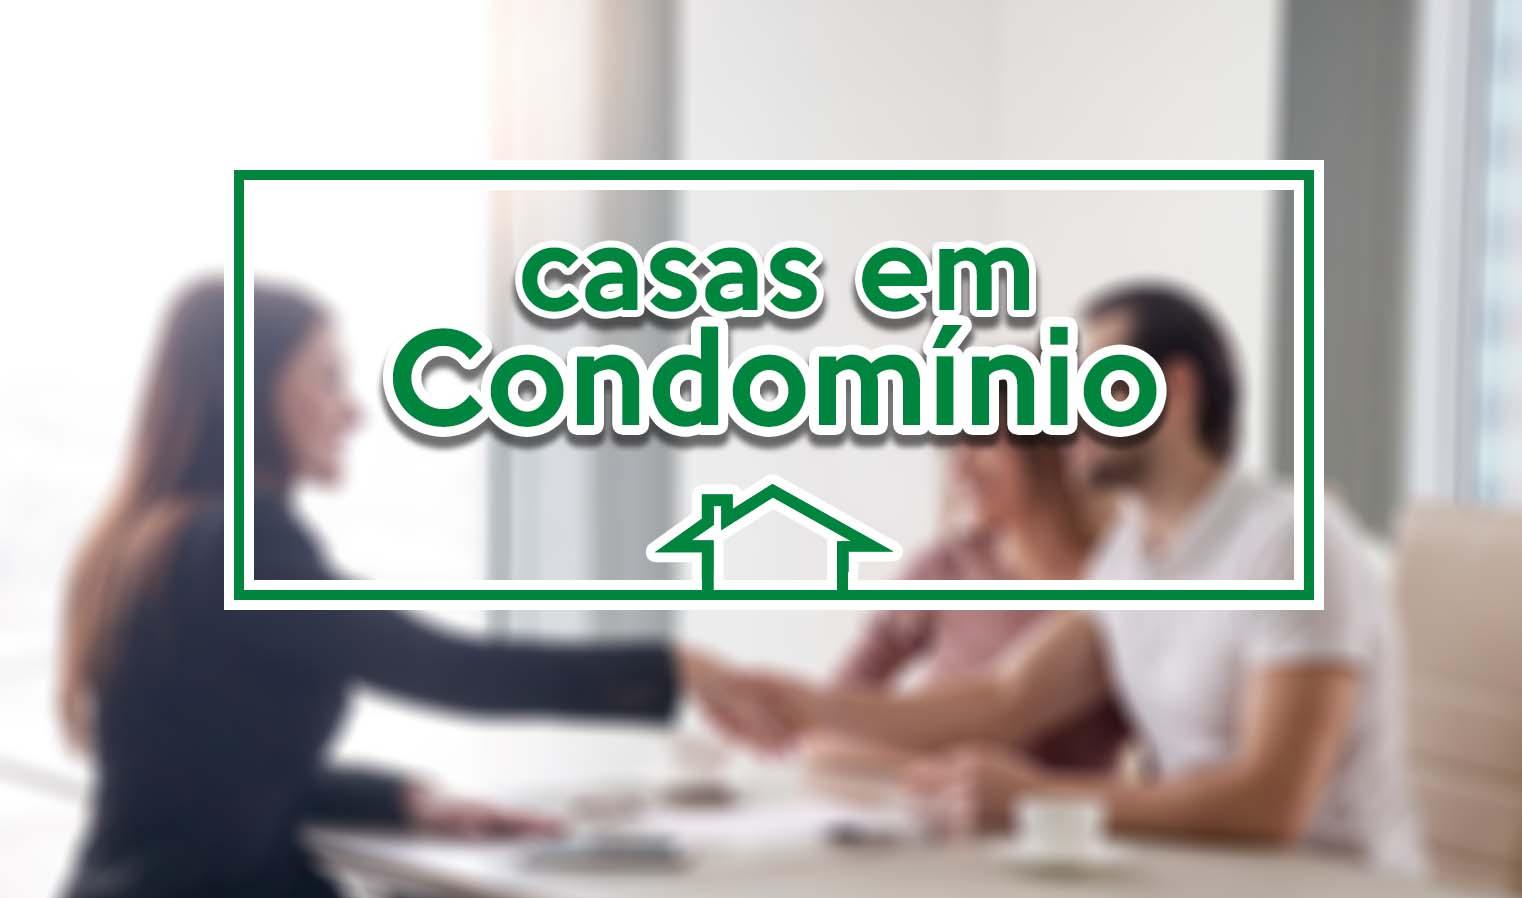 Procurando uma casa em condomínio? - Separamos algumas opções para você!